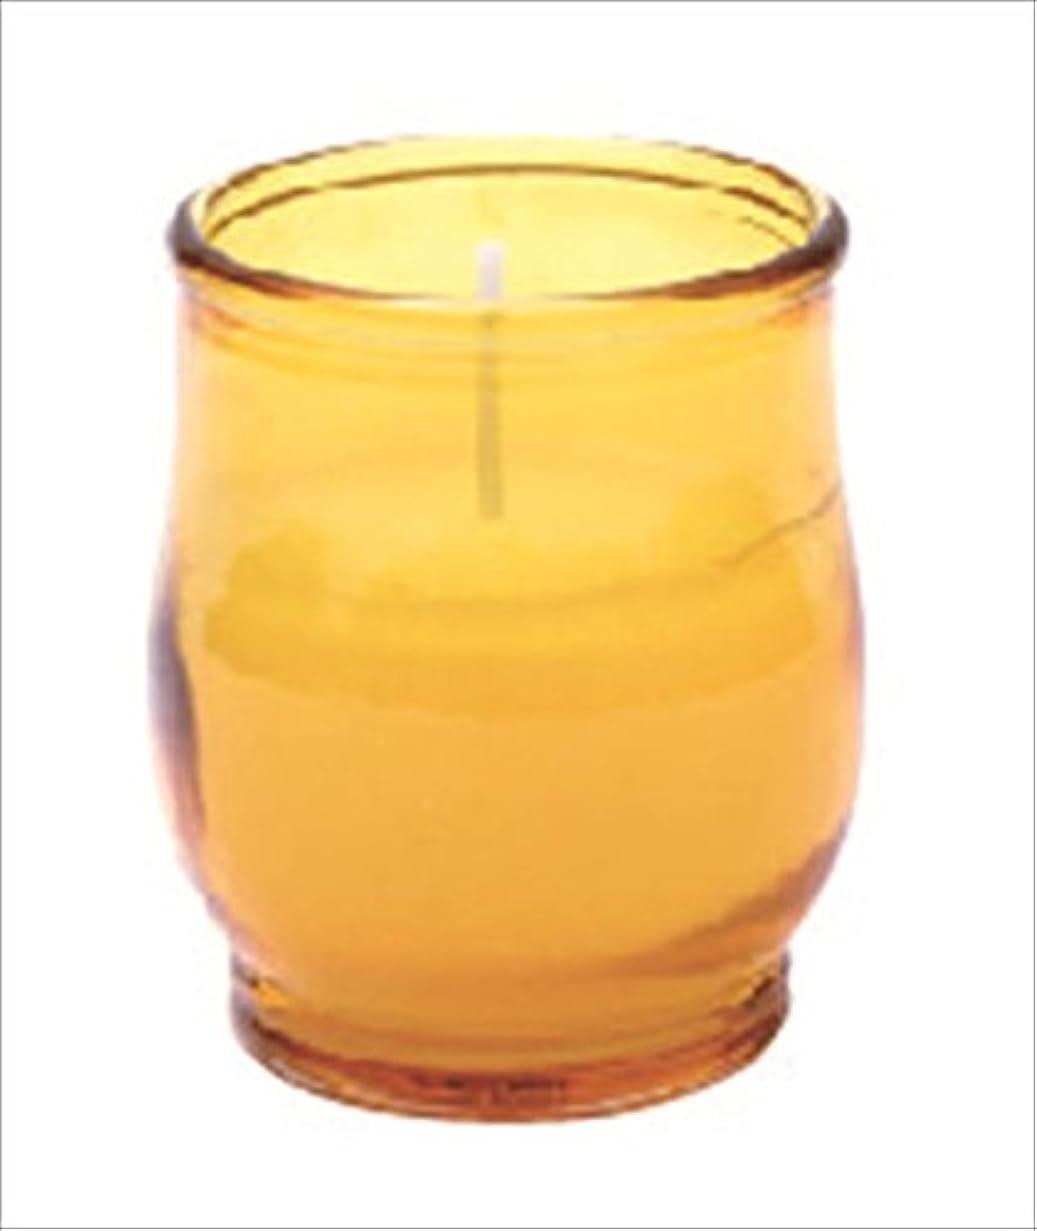 豚リスナー騒カメヤマキャンドル(kameyama candle) ポシェ 「 アンバー 」